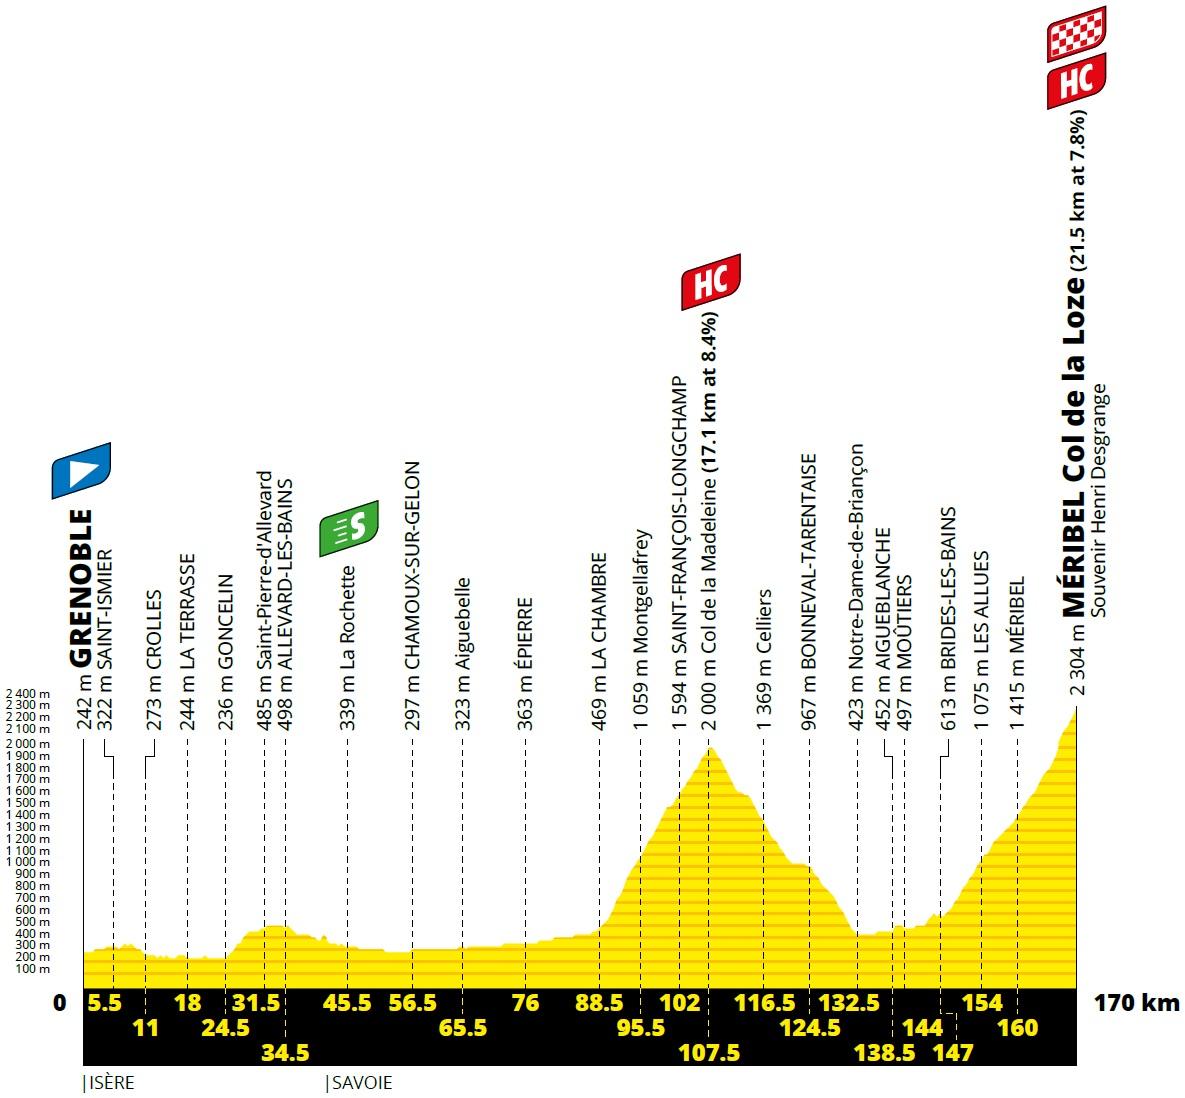 Vorschau & Favoriten Tour de France, Etappe 17